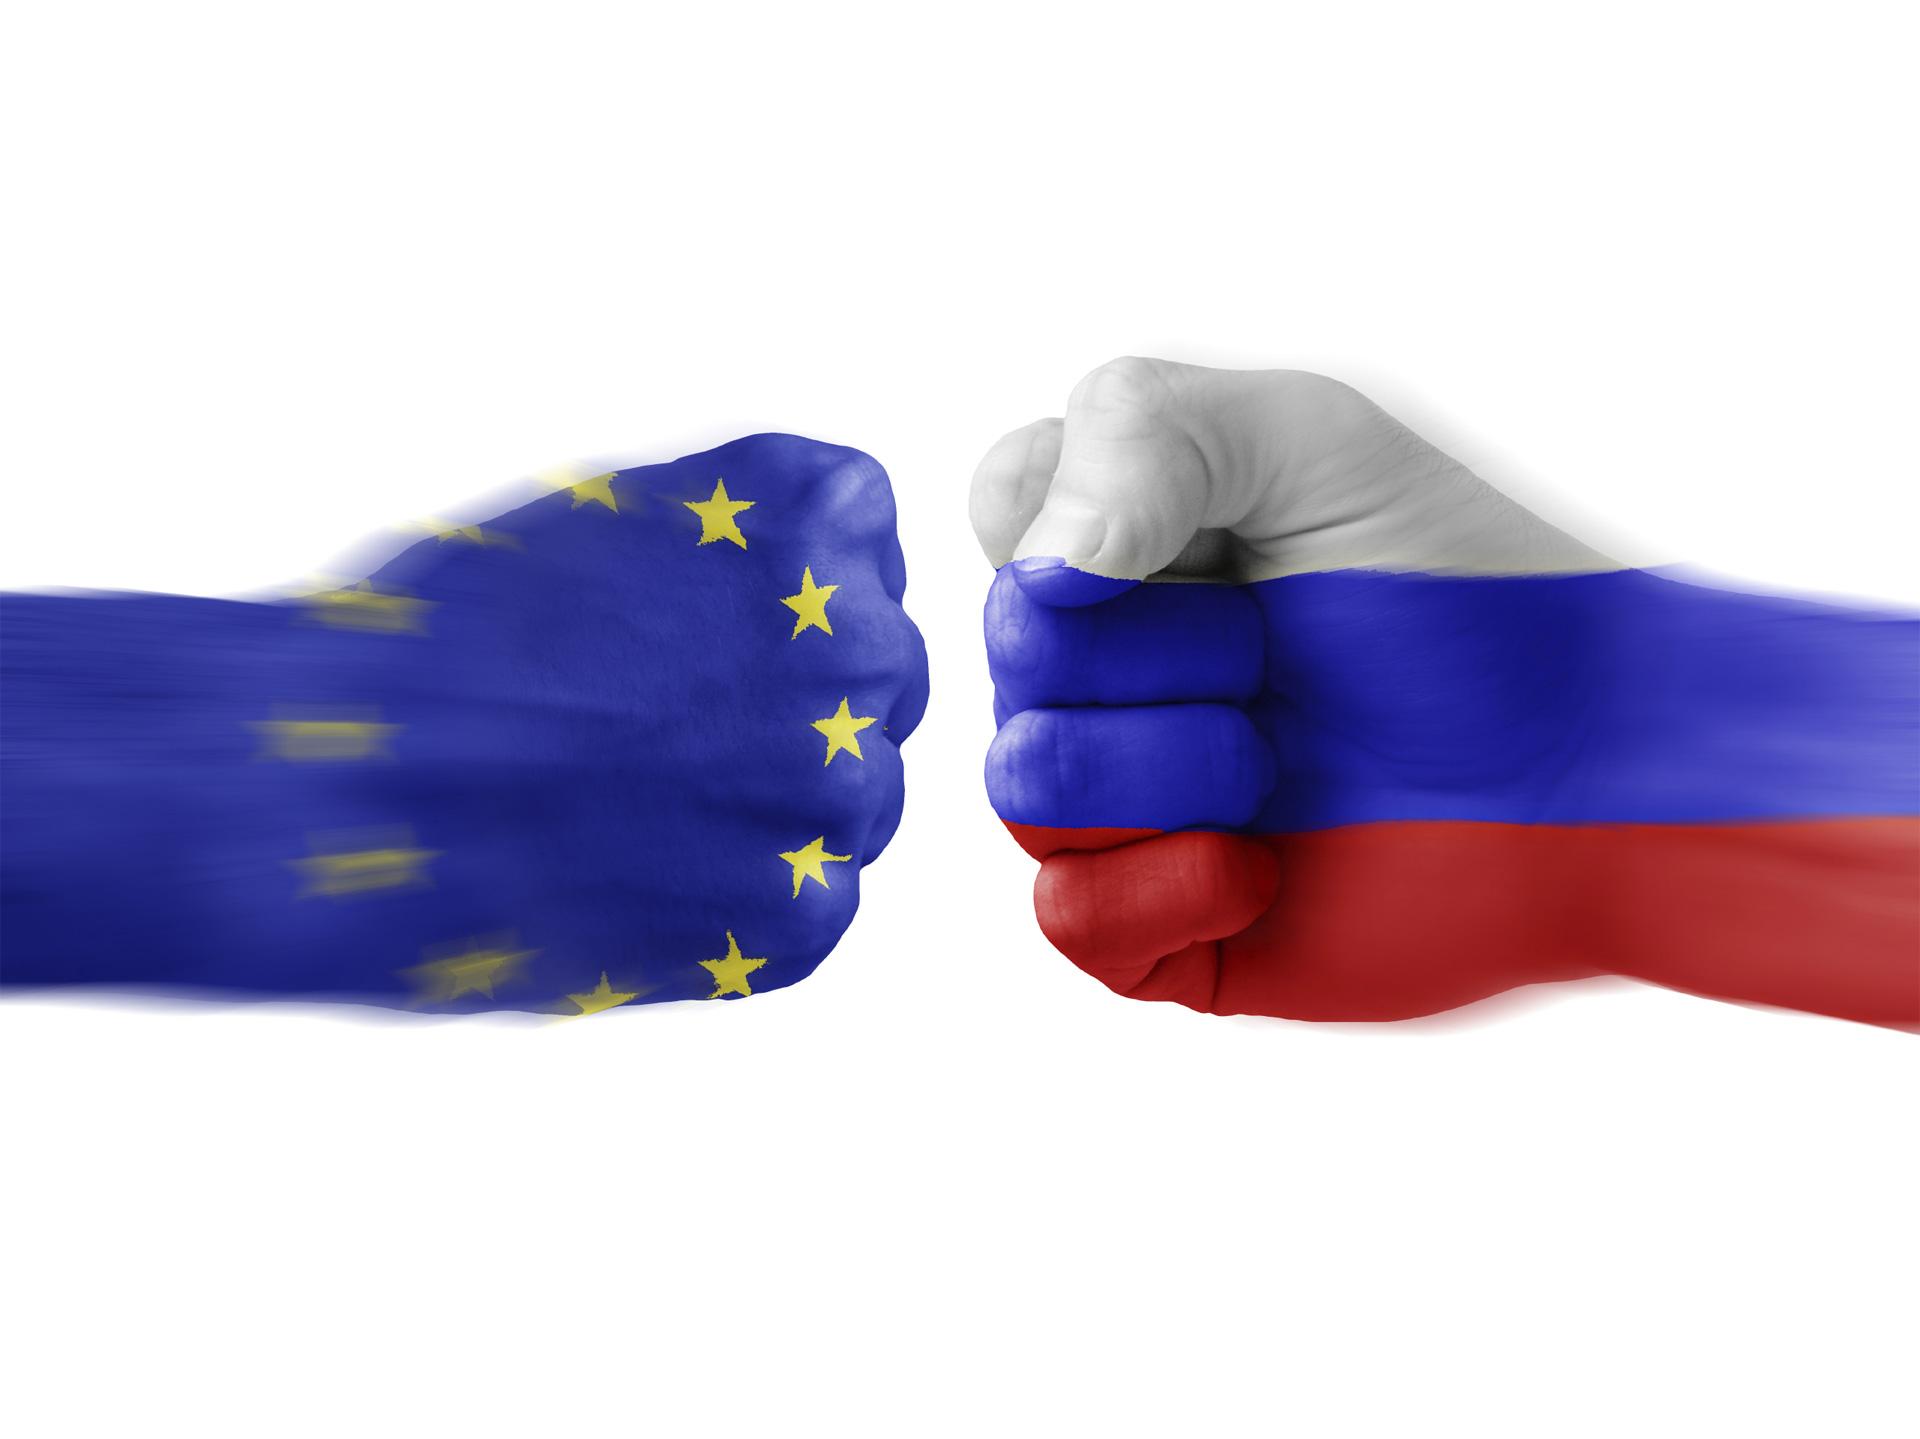 La UE expresó preocupación por los ataques rusos contra la oposición moderada siria